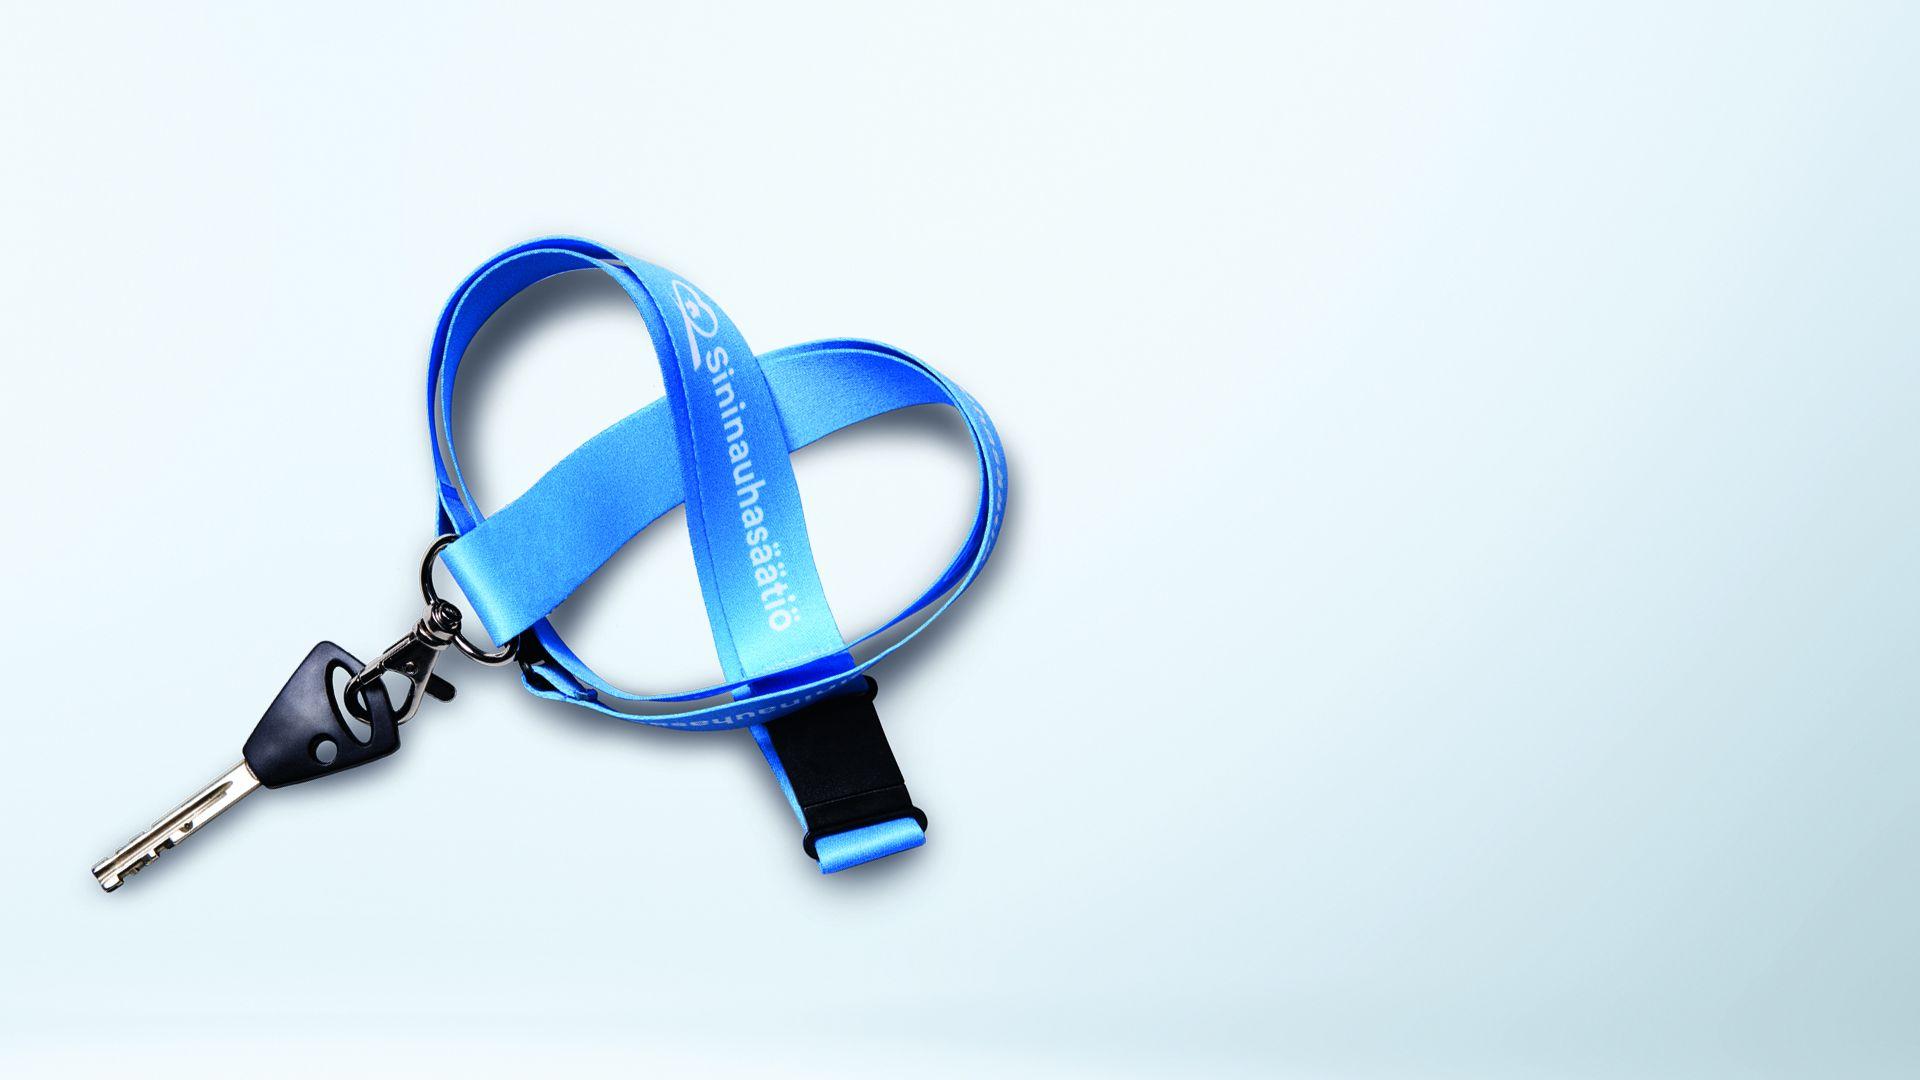 Sydämen muotoon taiteltu sininen avainnauha, jossa lukee Sininauhasäätiö.